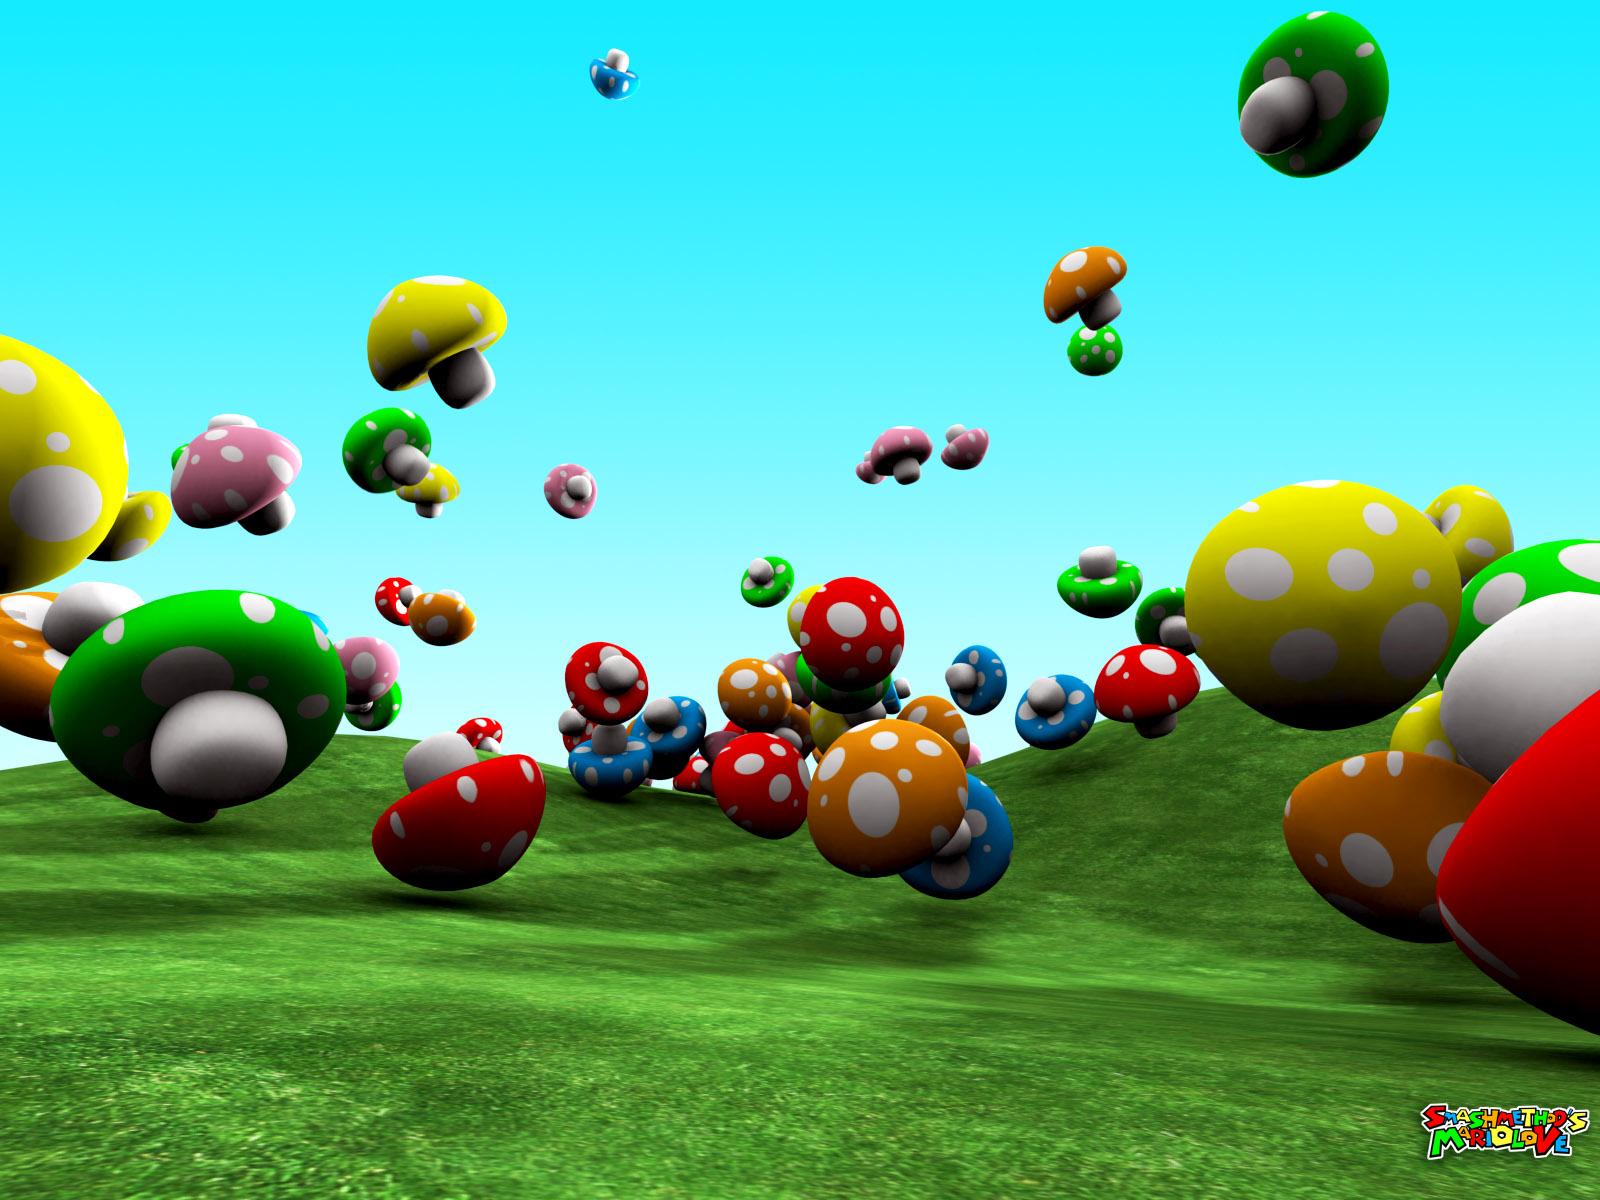 http://4.bp.blogspot.com/-3iO1Rx7Ro2w/UDnDHtgnU0I/AAAAAAAAIws/c32s8BM9gYI/s1600/mario-flying-objects.jpg